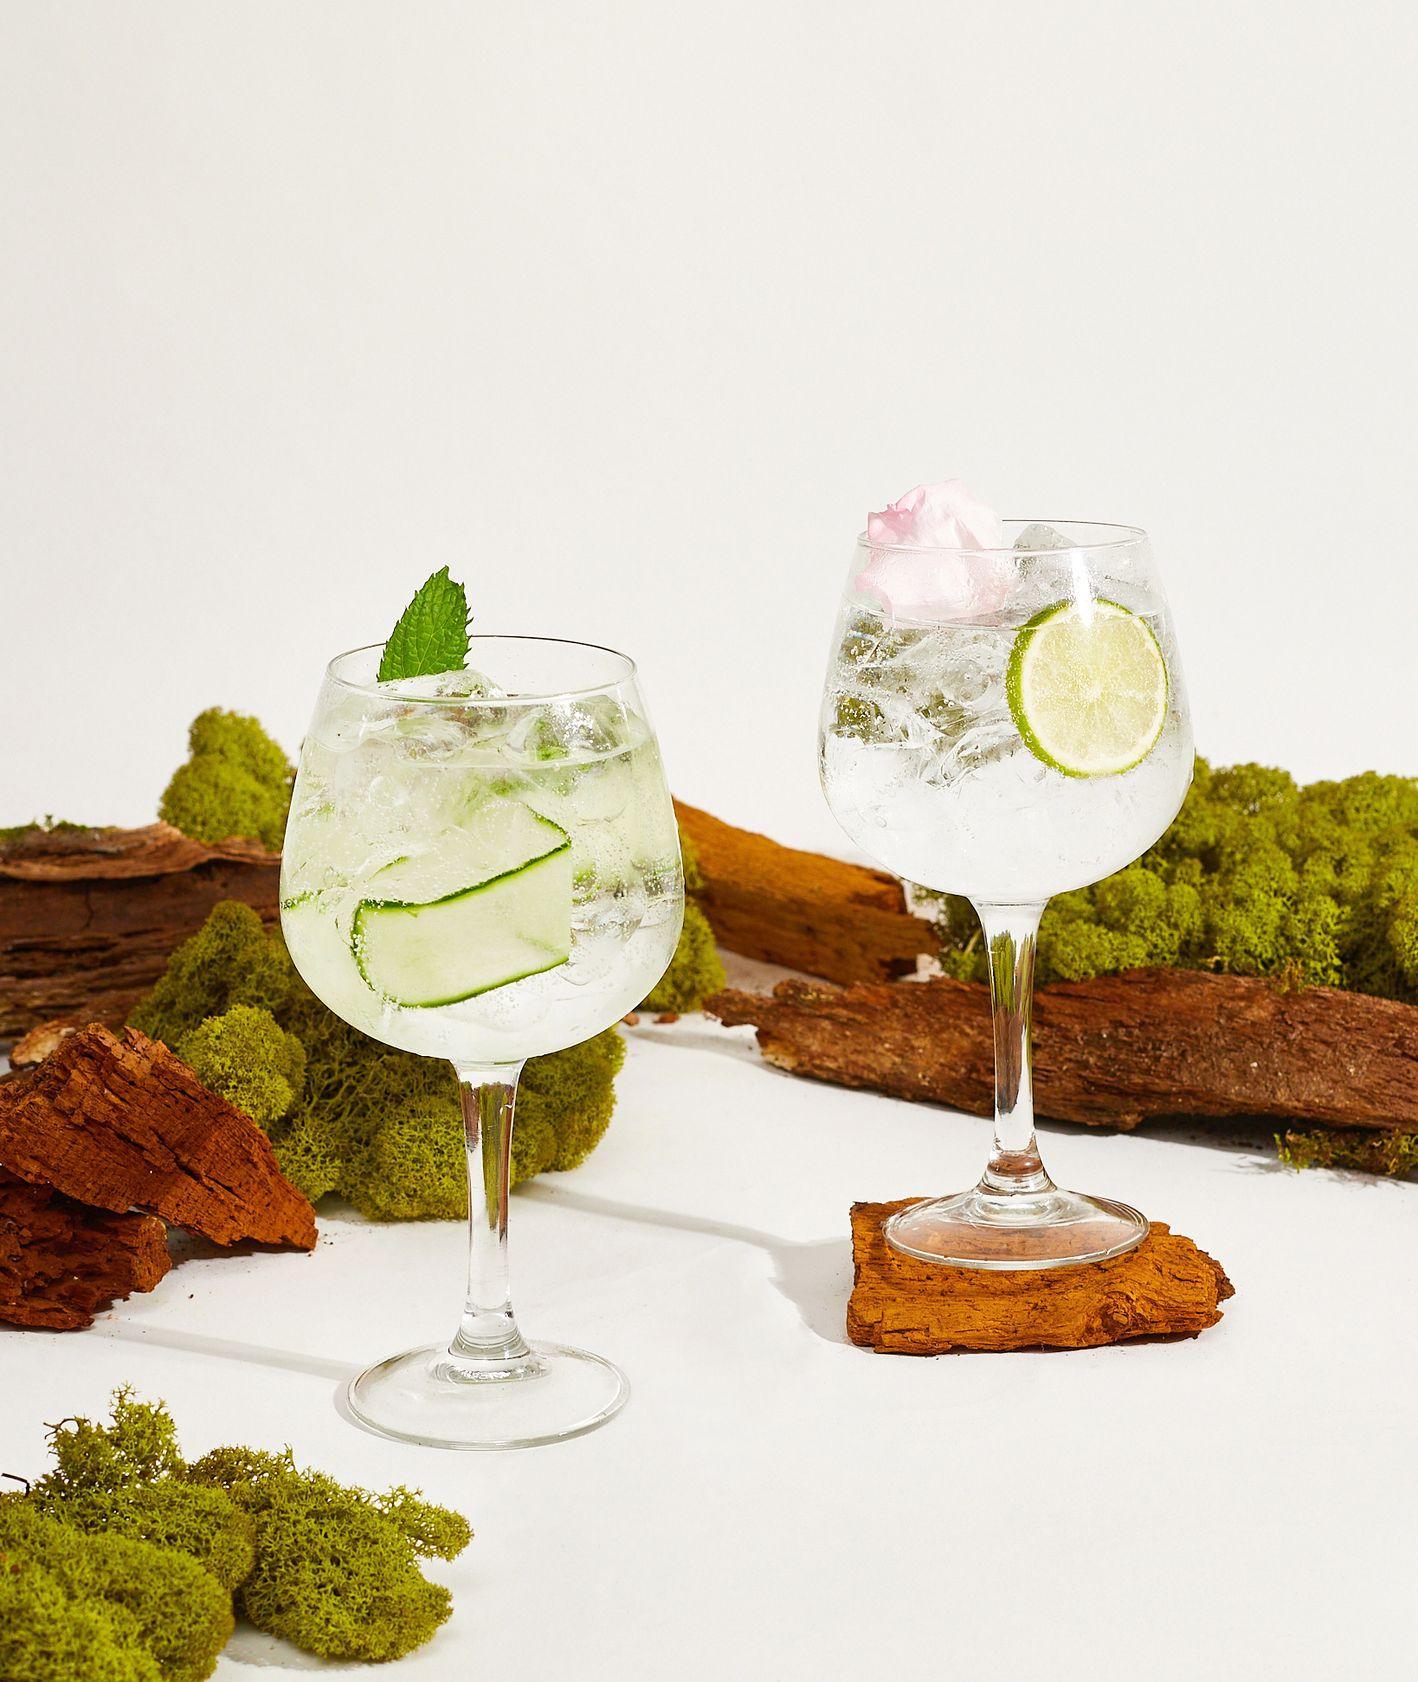 Wódka Finlandia, łatwe drinki do zrobienia w domu, alkohol na lato (fot. Maciej Niemojewski)